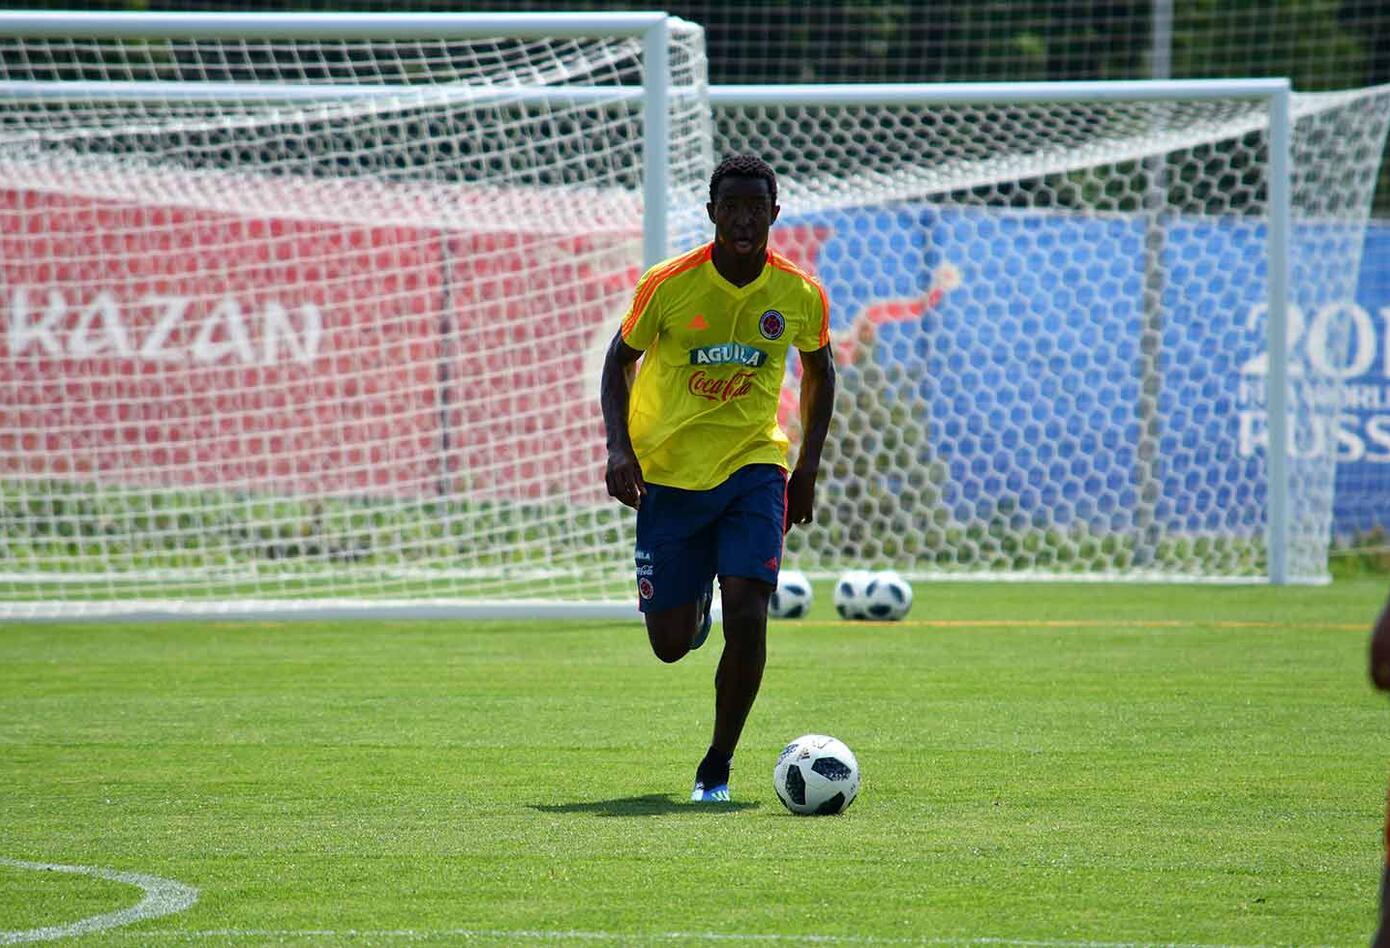 La Selección Colombia entrenando en Kazán, antes de partir a Samara